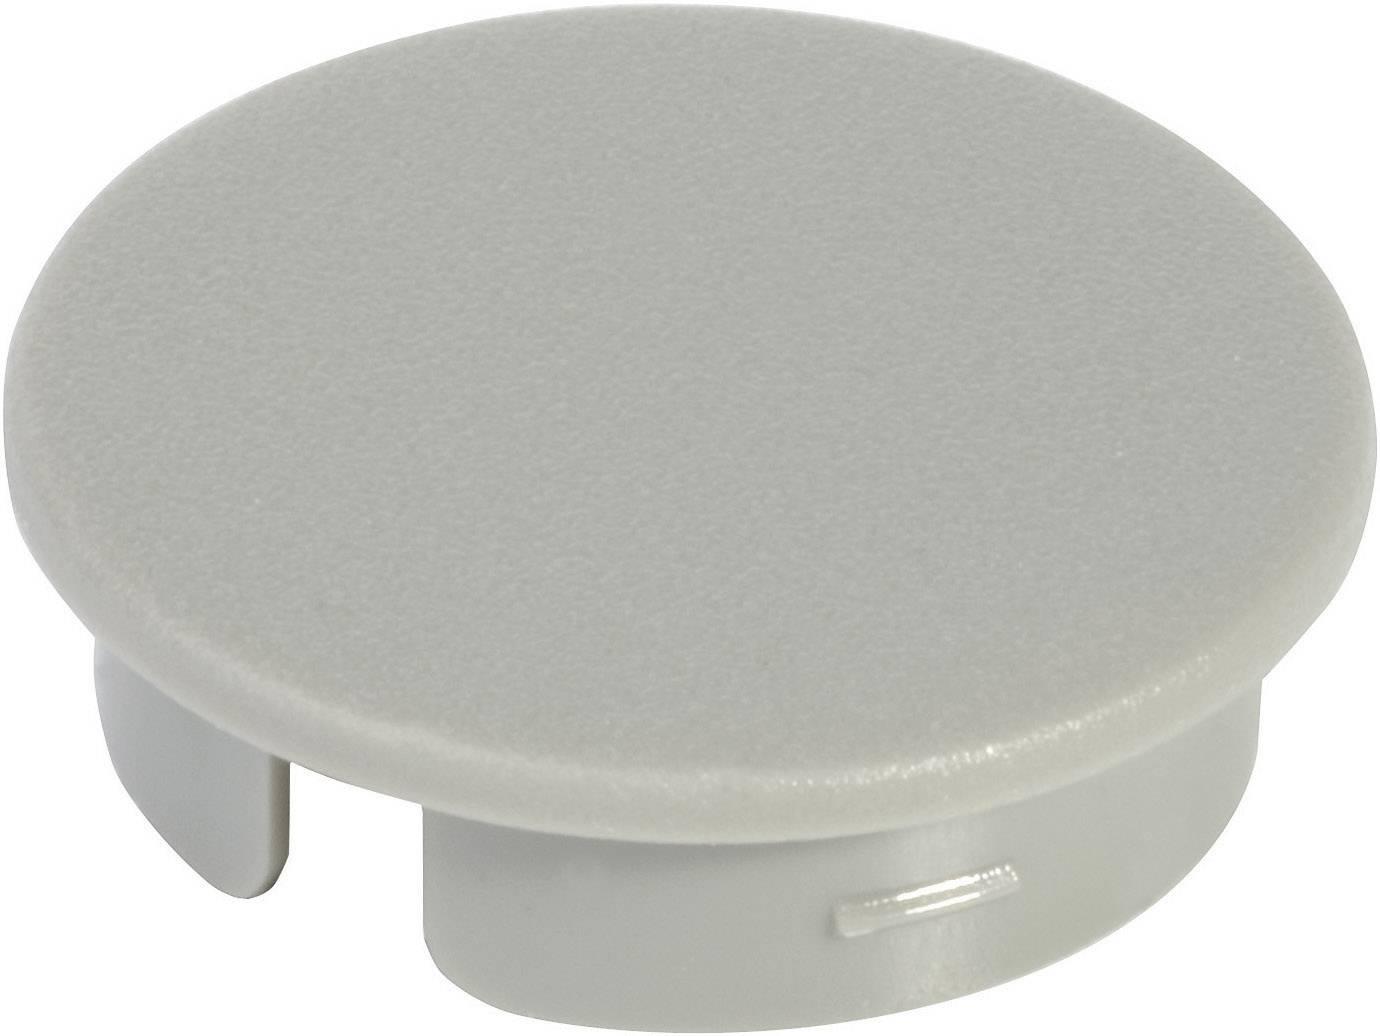 Krytka na otočný knoflík bez ukazatele OKW, pro knoflíky/O 40 mm, šedá